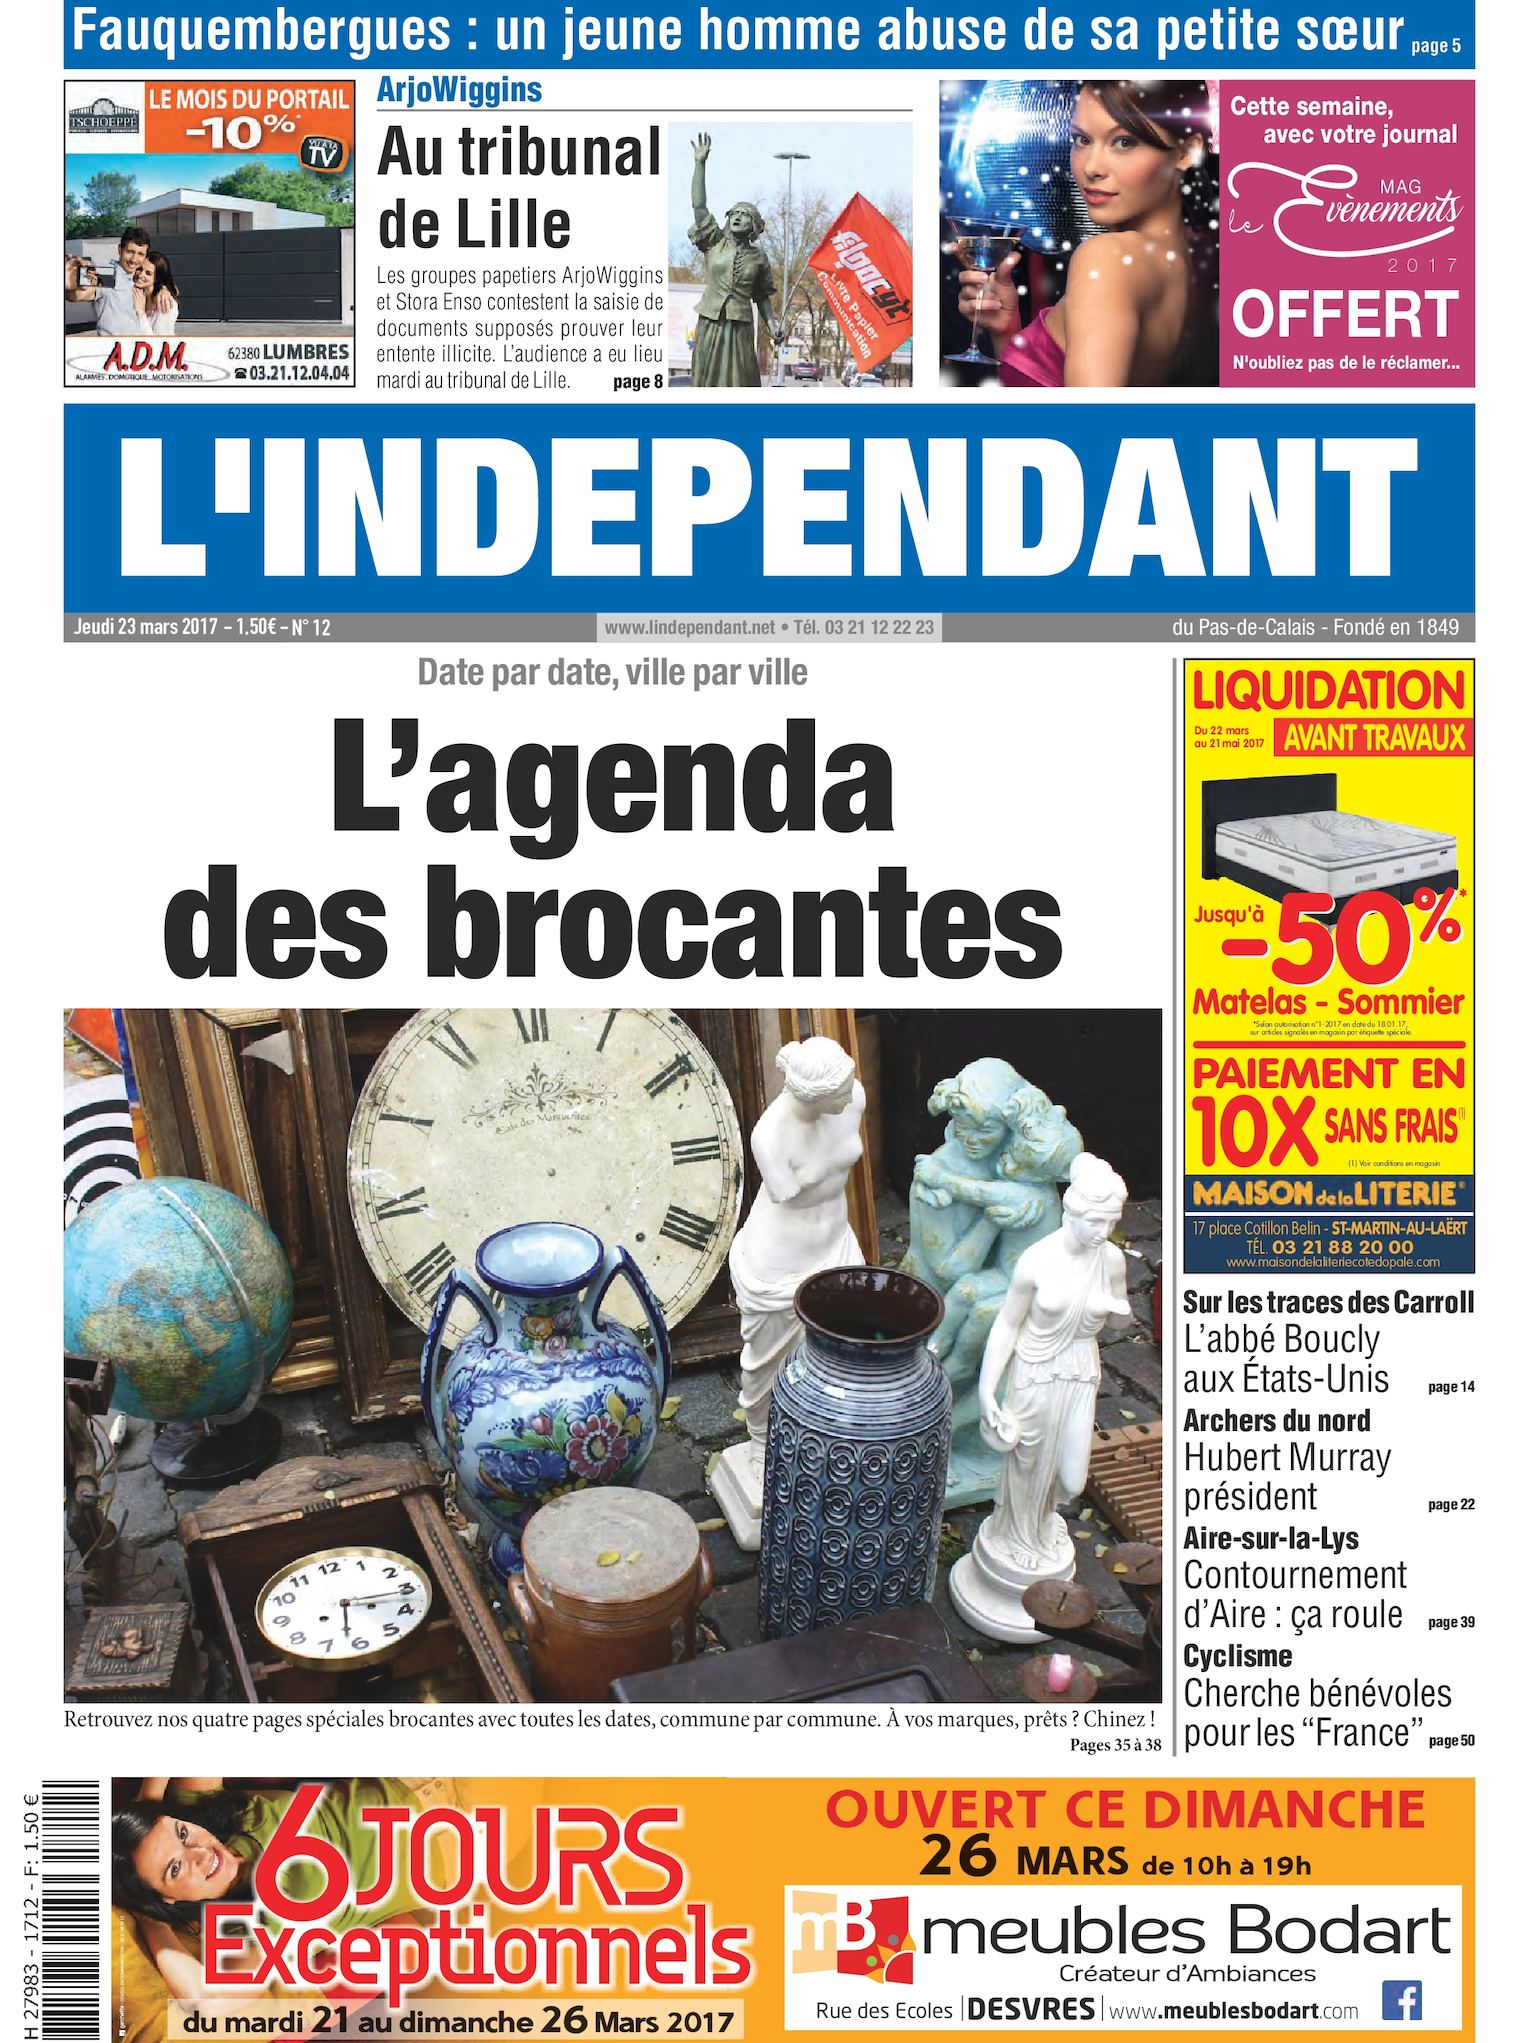 Papier Peint Lionet Hazebrouck calaméo - l'indépendant semaine 12 2017